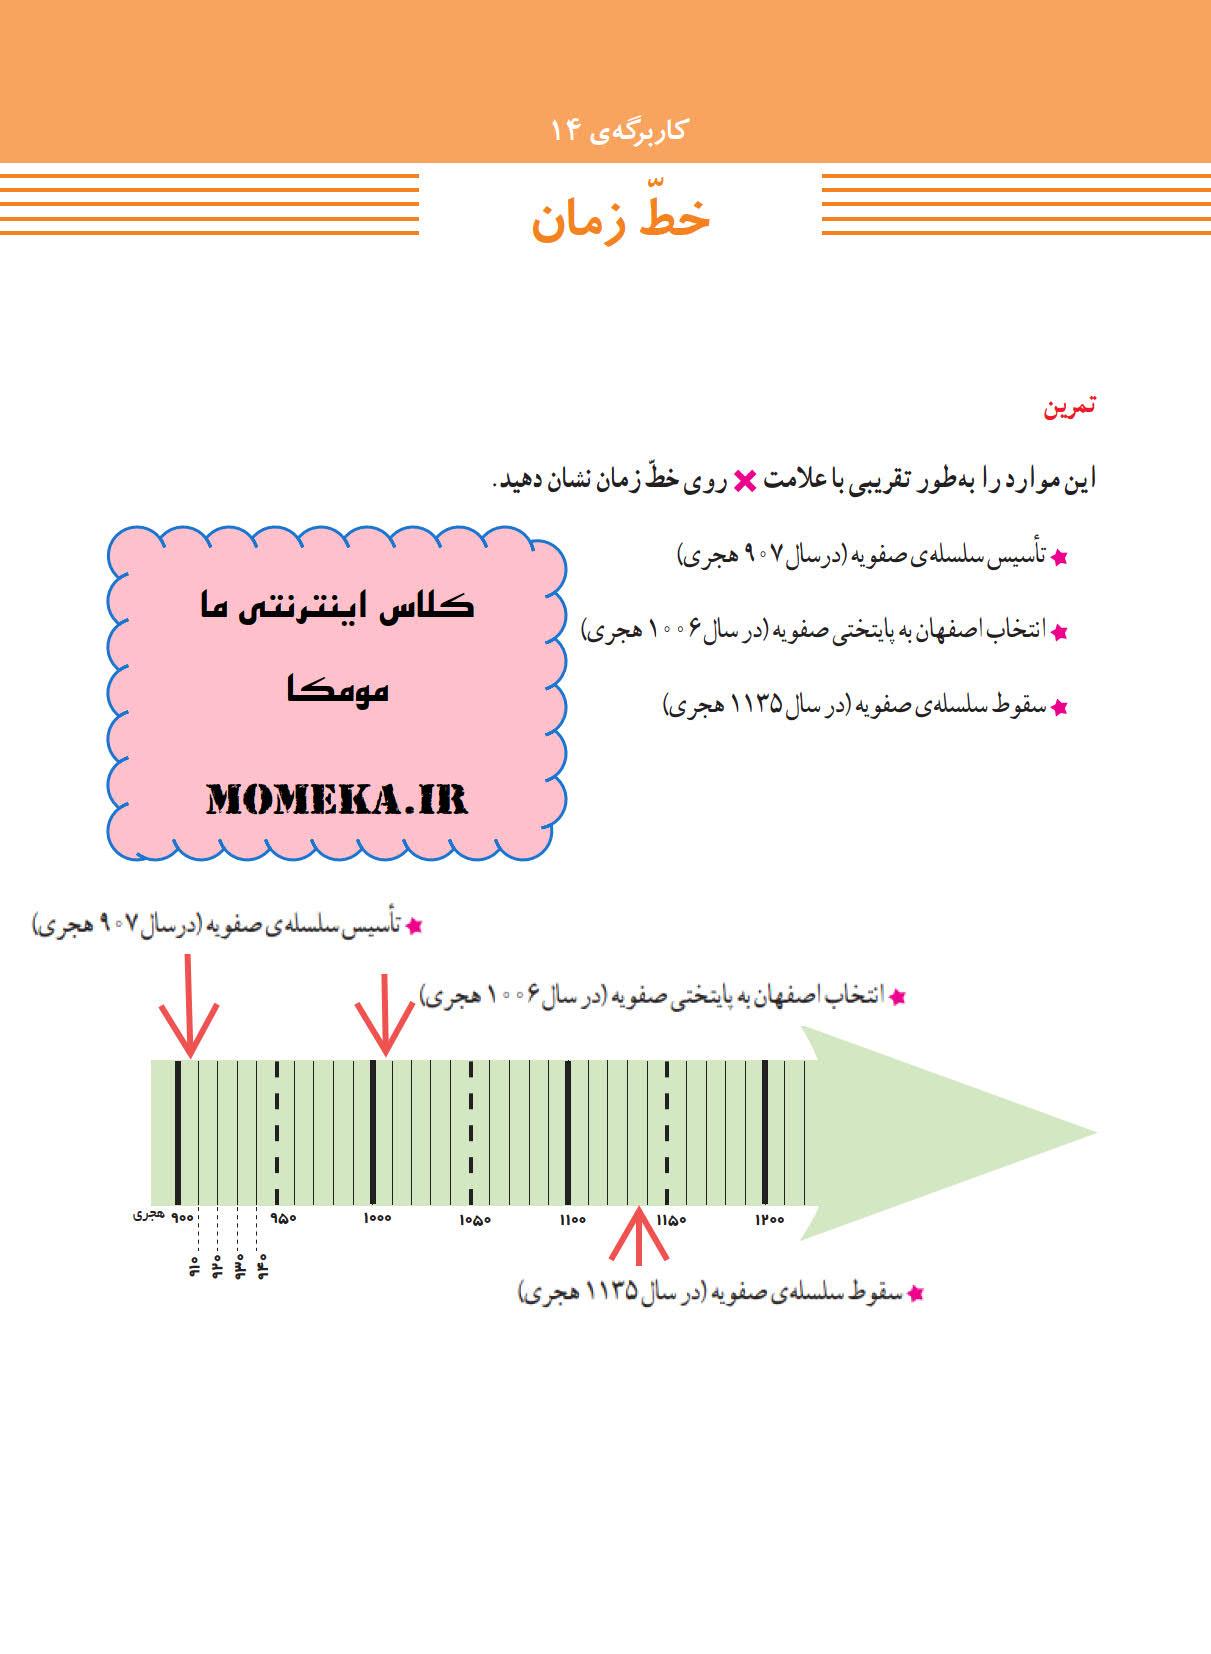 پاسخ کاربرگه های مطالعات اجتماعی پایه ششم - کاربرگه شماره 14 درس دوازدهم مطالعات - کلاس اینترنتی ما - مومکا -momeka.ir (1)